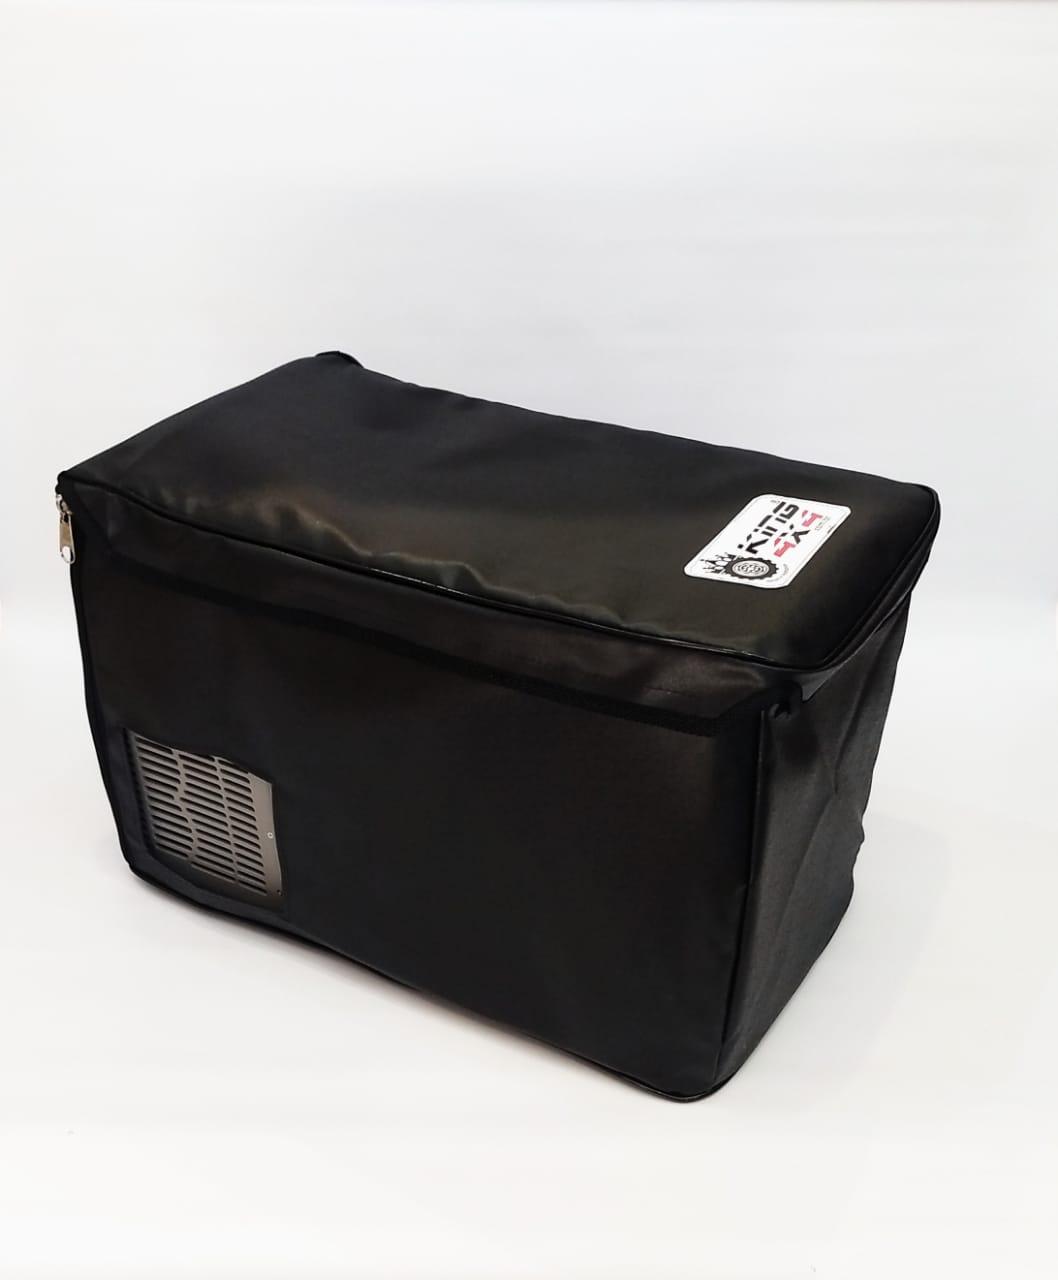 Capa Protetora Geladeira Portátil Elber CAB 31 King 4x4